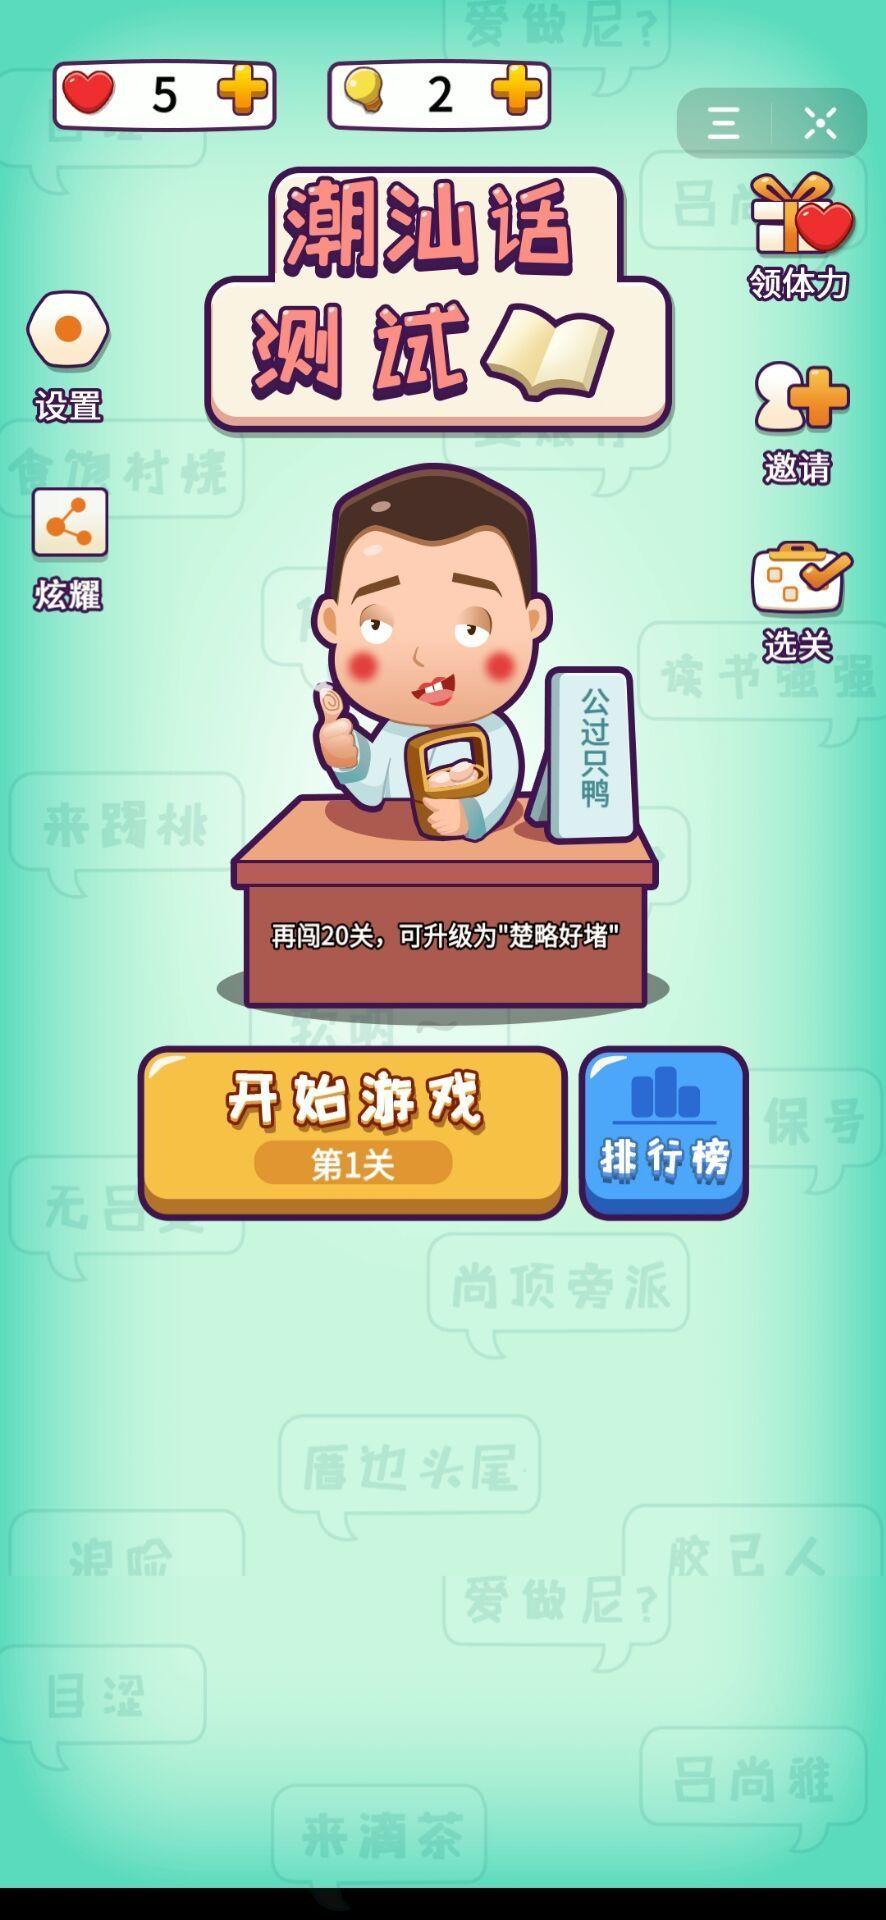 潮汕话测试游戏安卓手机版图片1